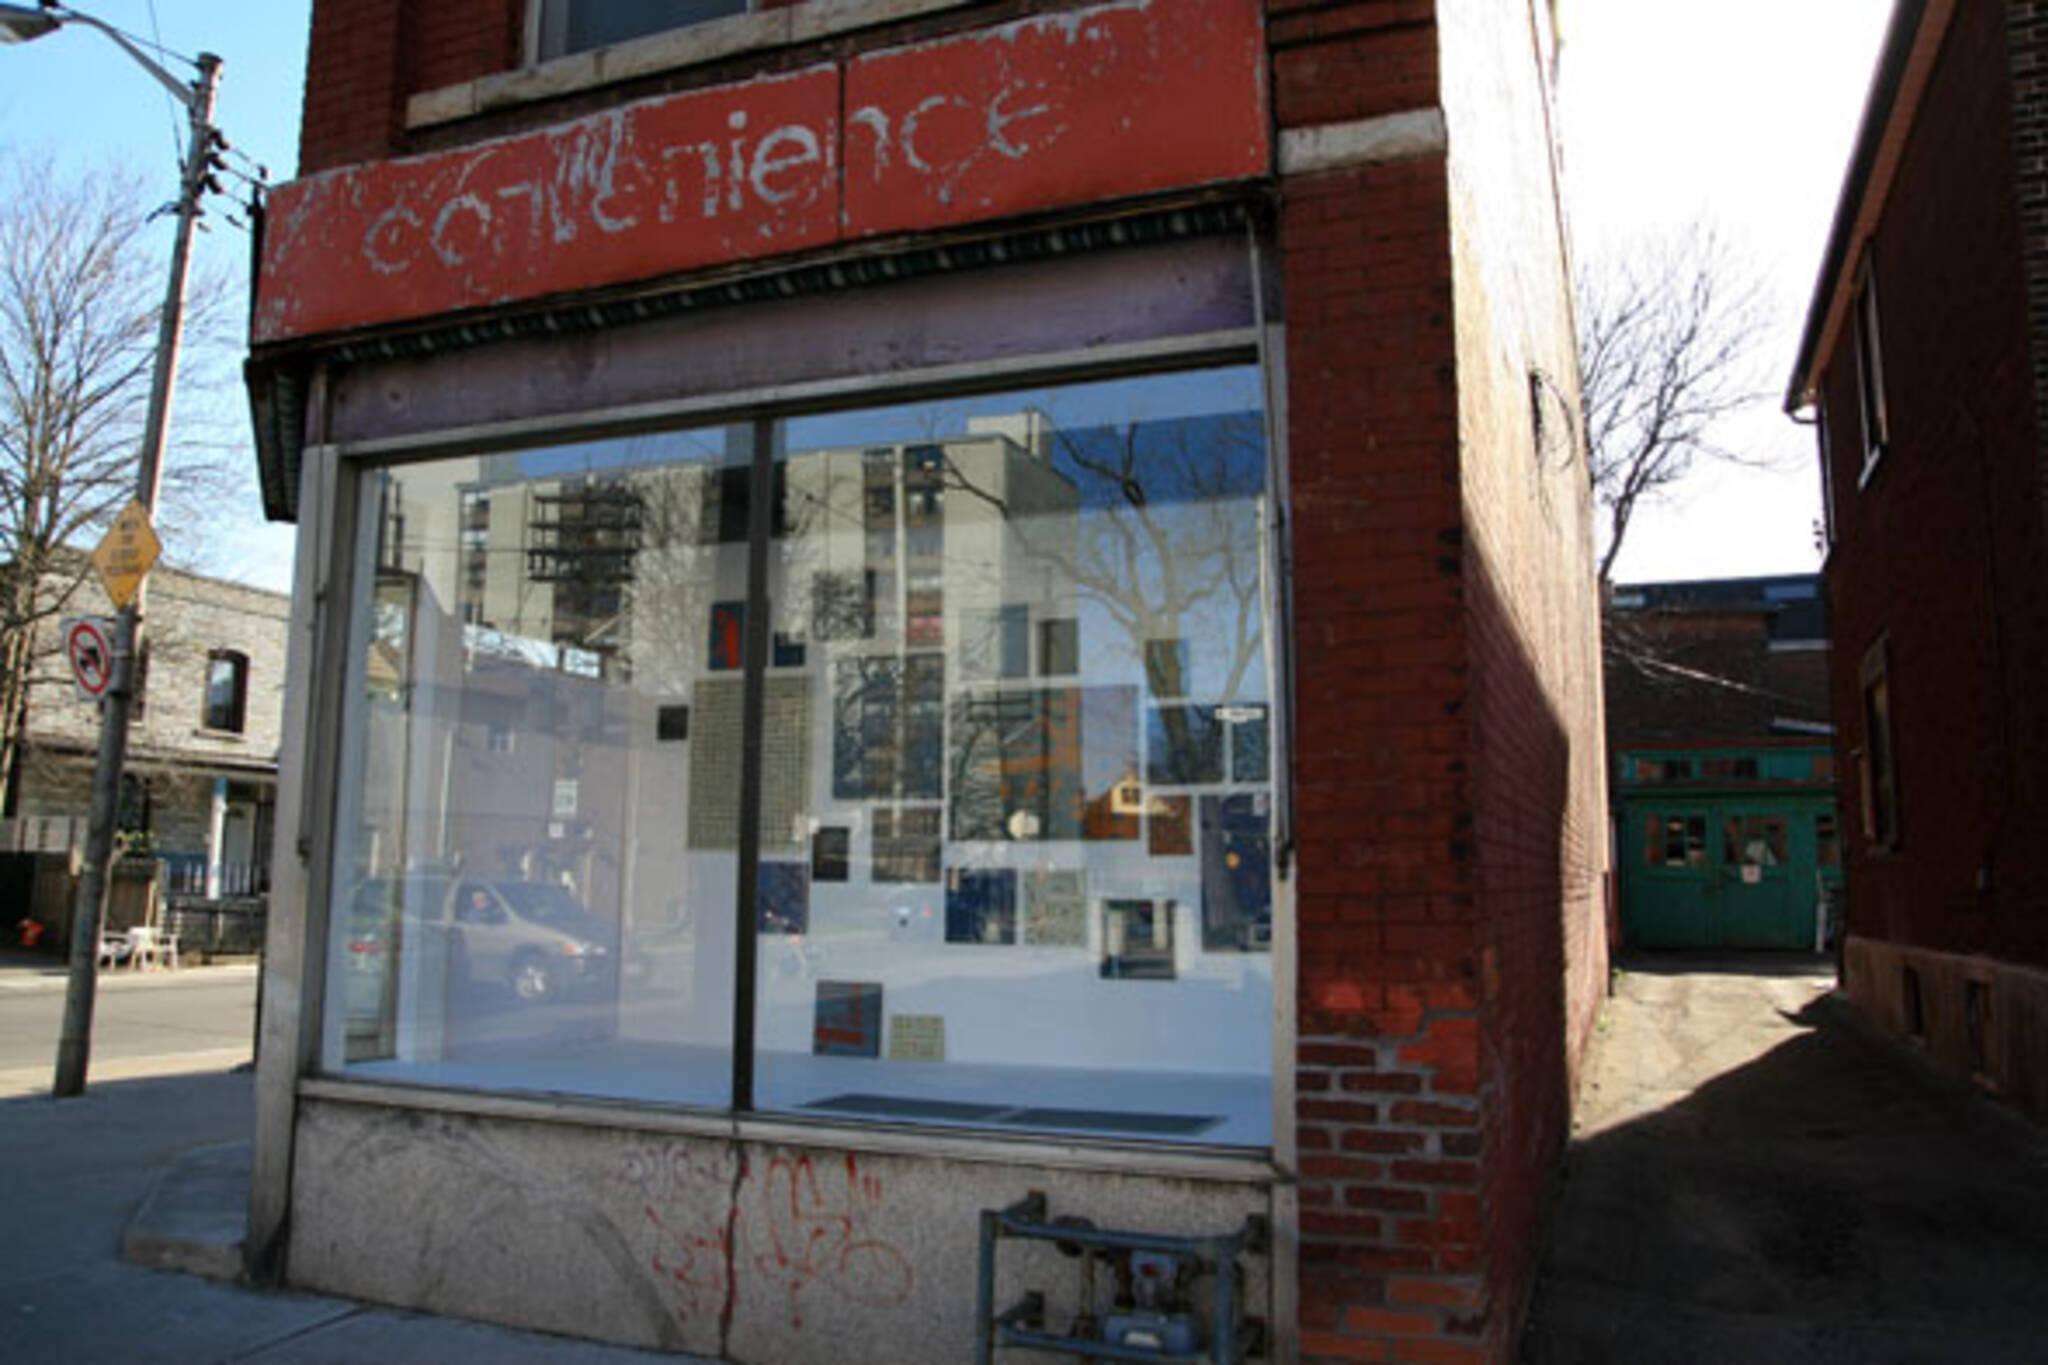 20070522_conveniencegallery.jpg